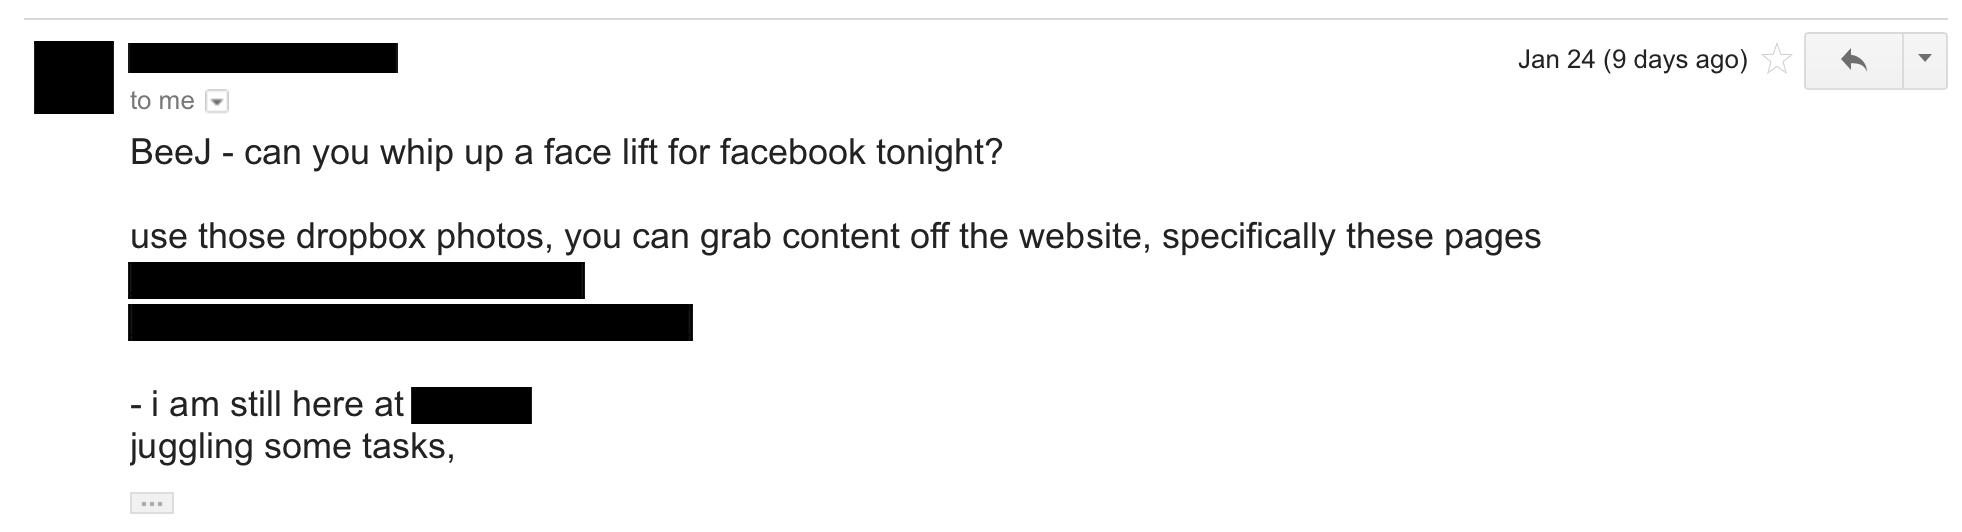 FacebookConfirmation.jpg